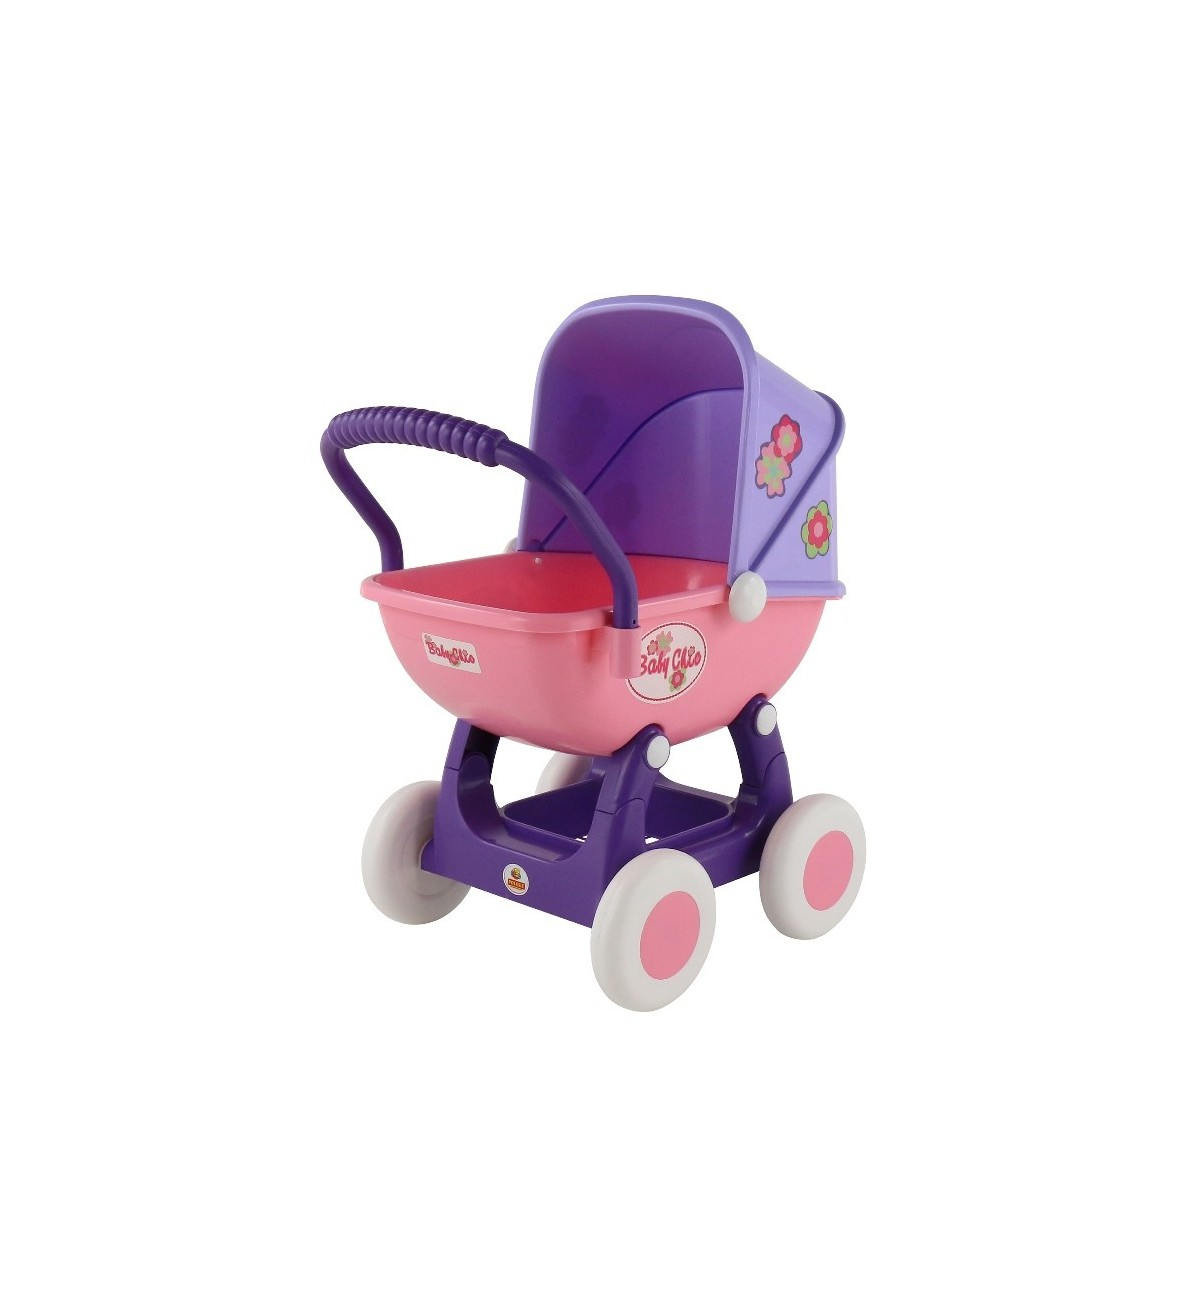 Wózek dla lalek Arina 4-kolowy